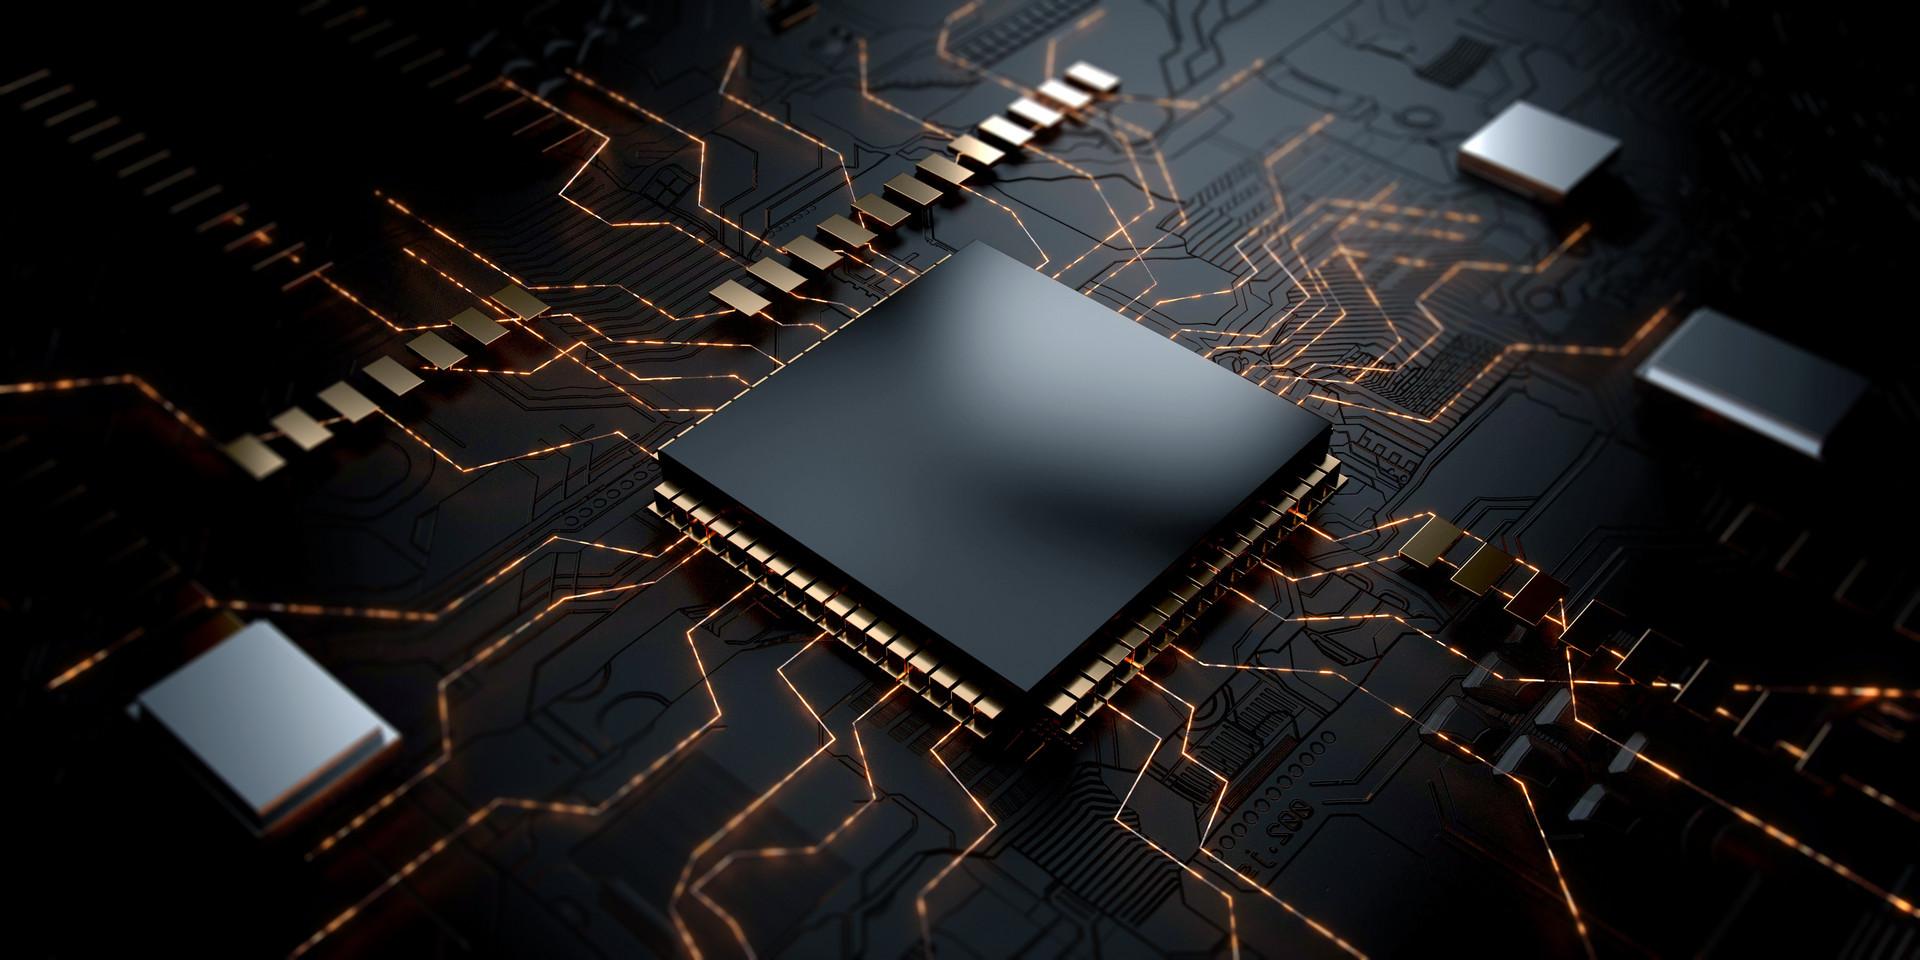 芯片领域布局成果初显 或为小米10冲击高端底气所在